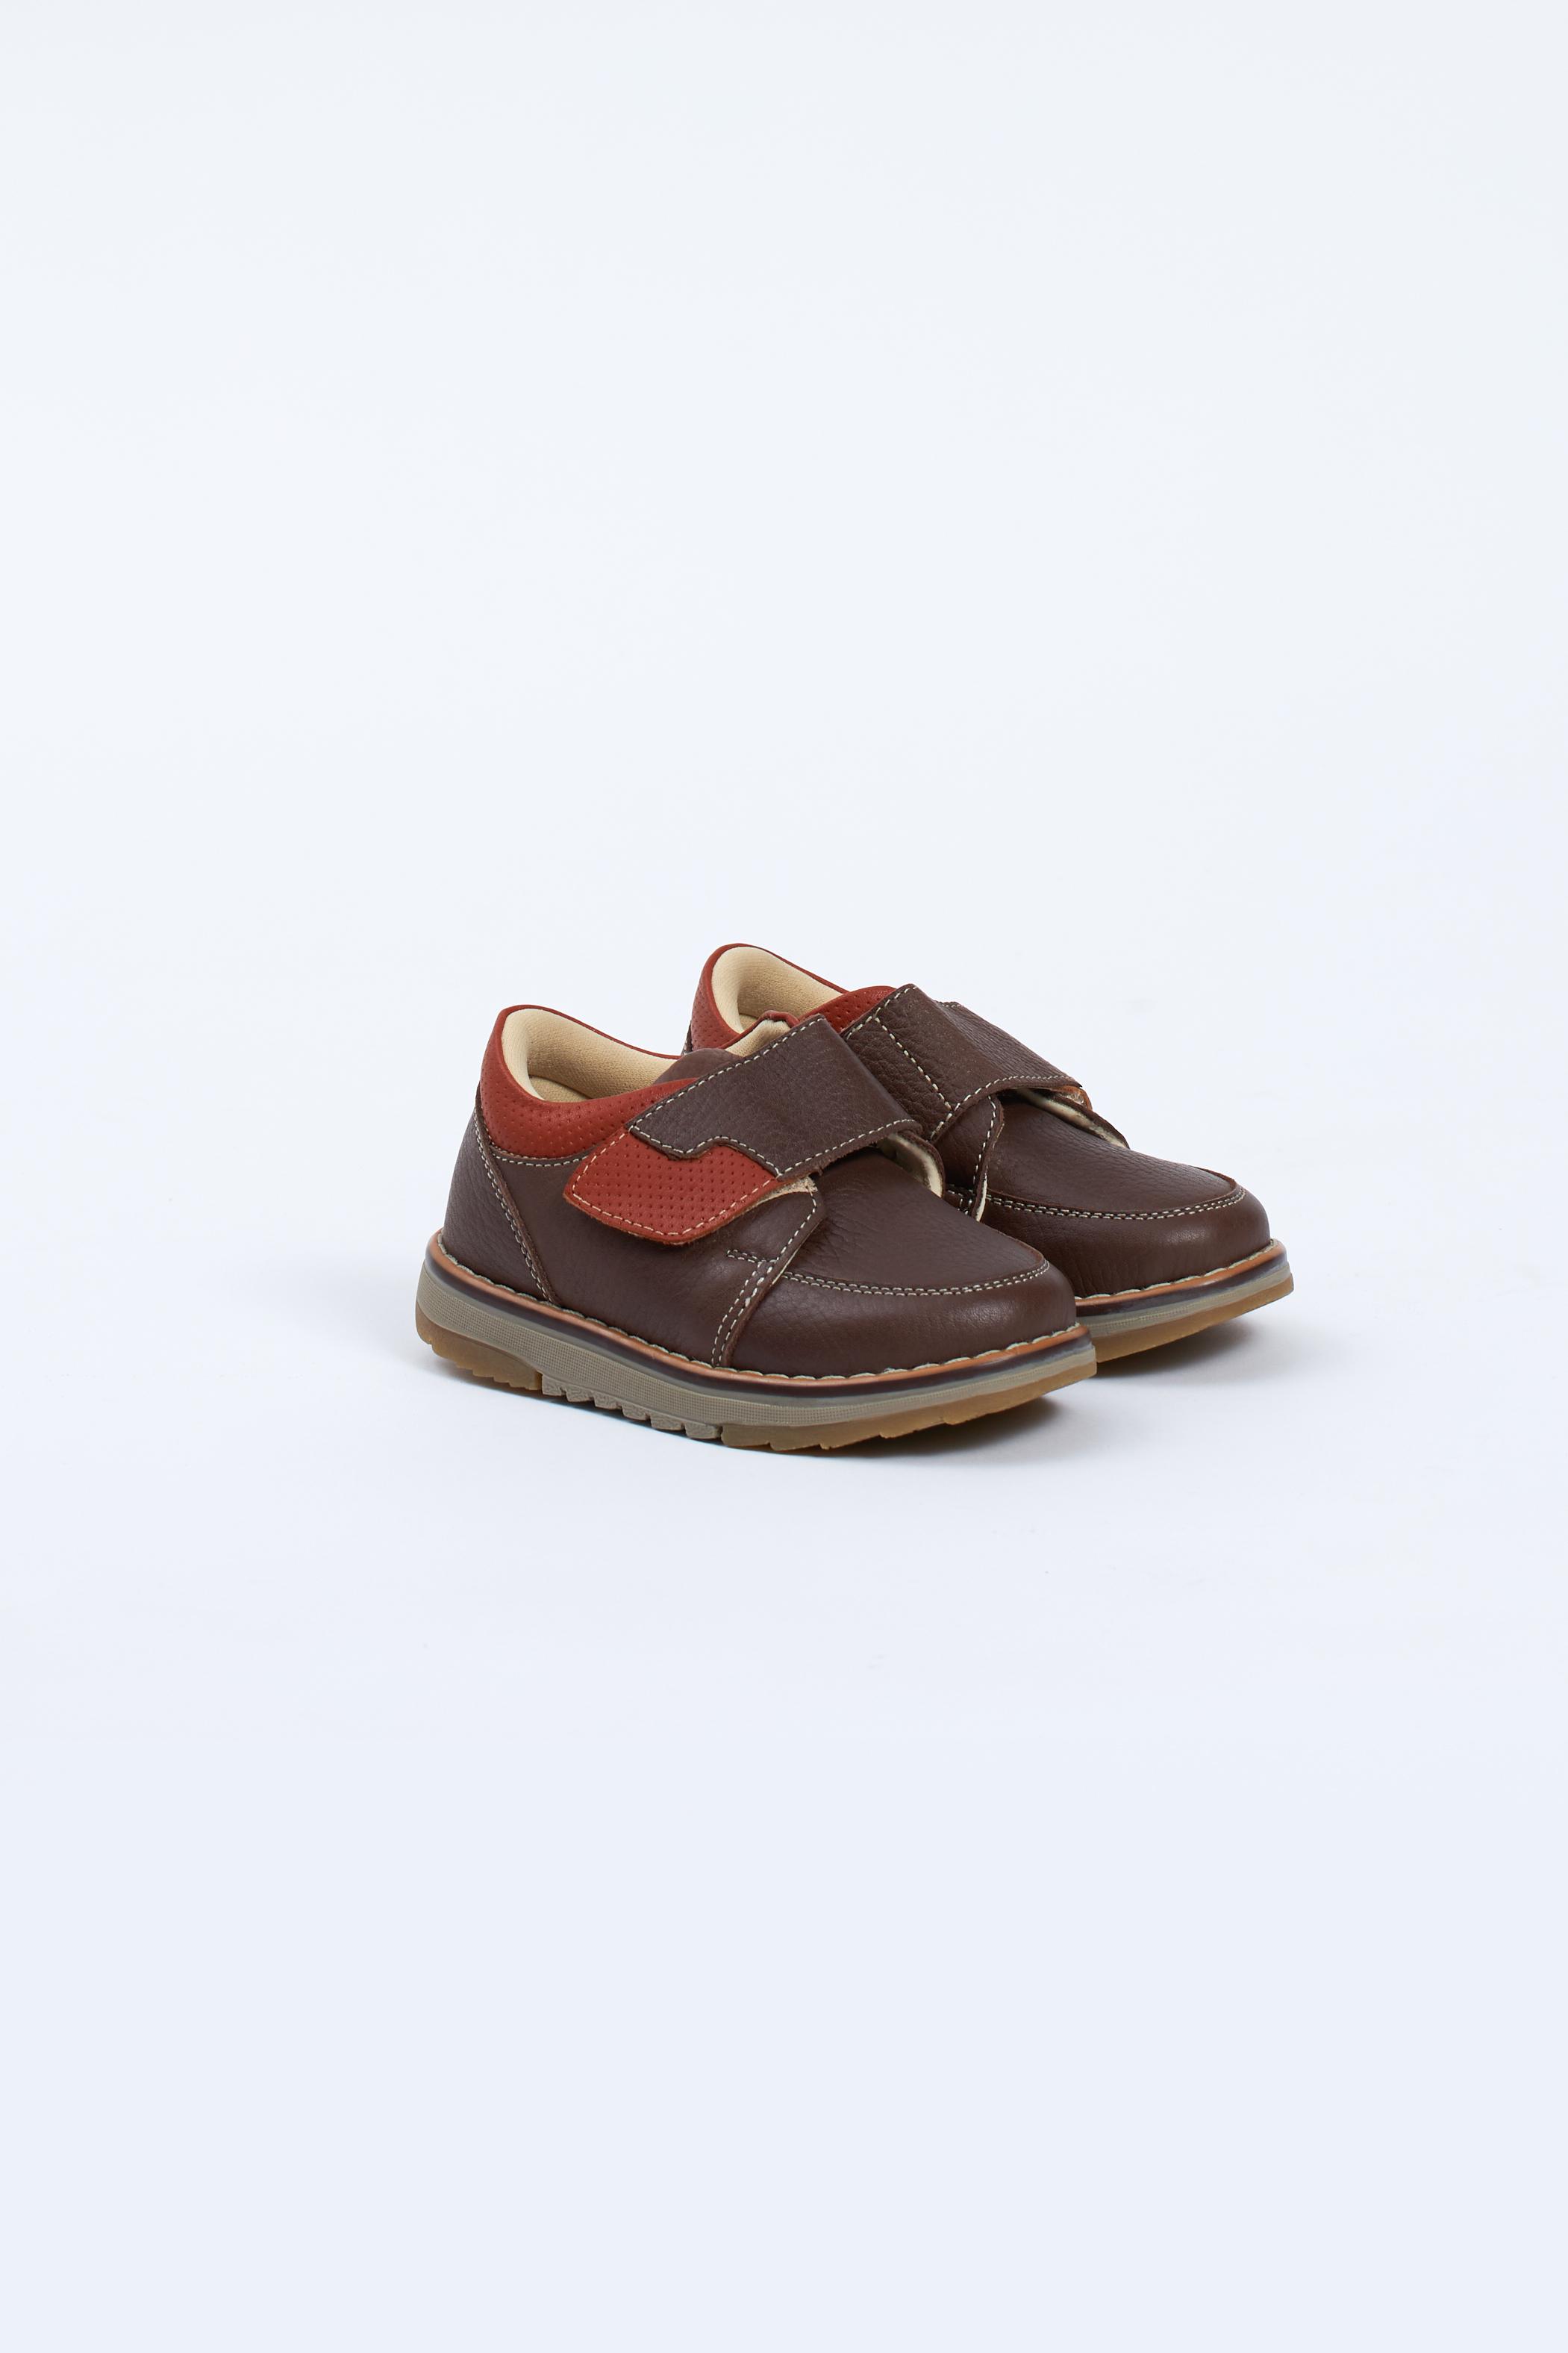 Niños - Zapatos